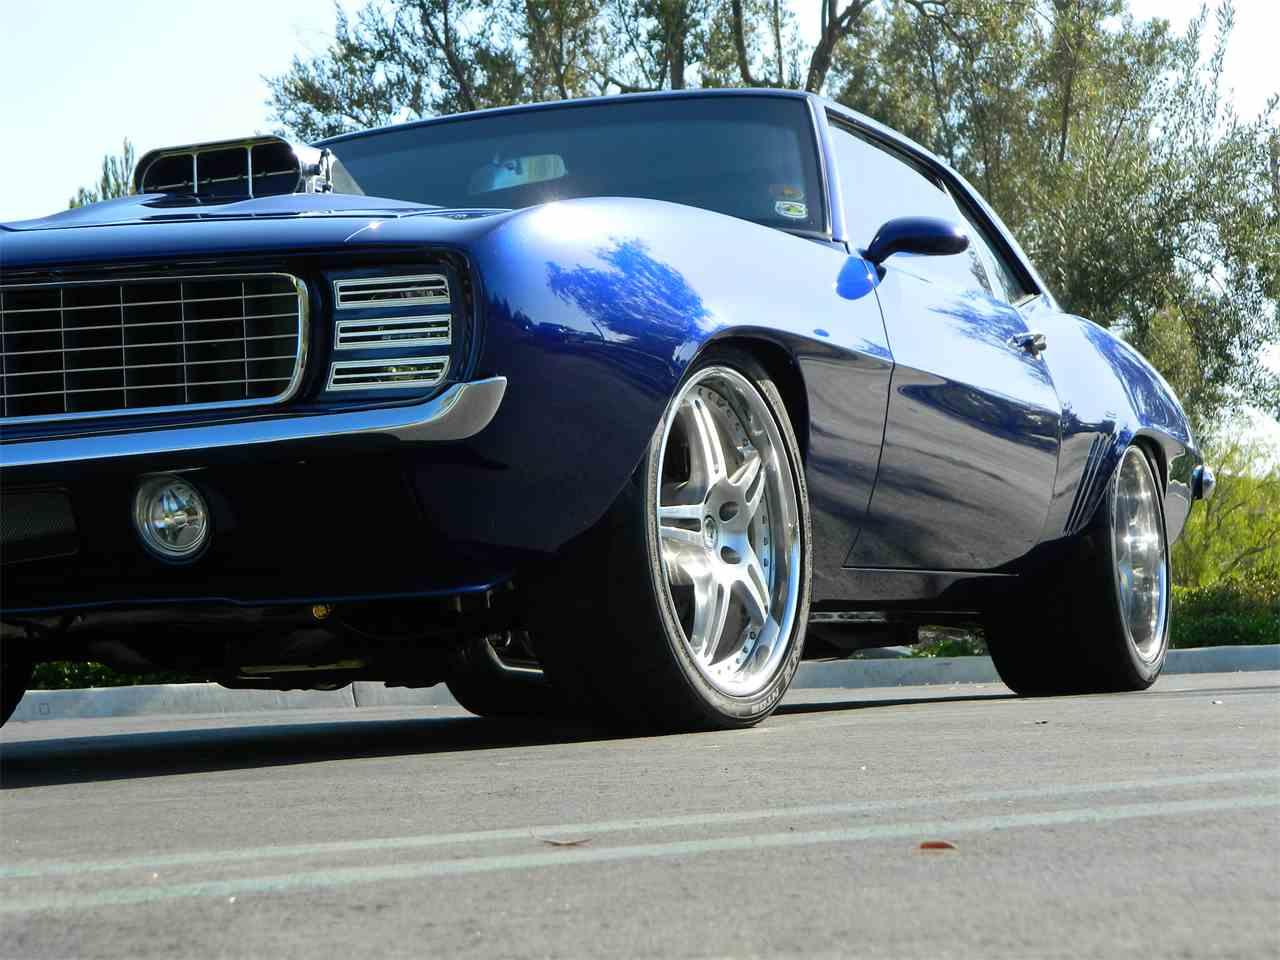 1969 Chevrolet Camaro For Sale Classiccars Com Cc 885981